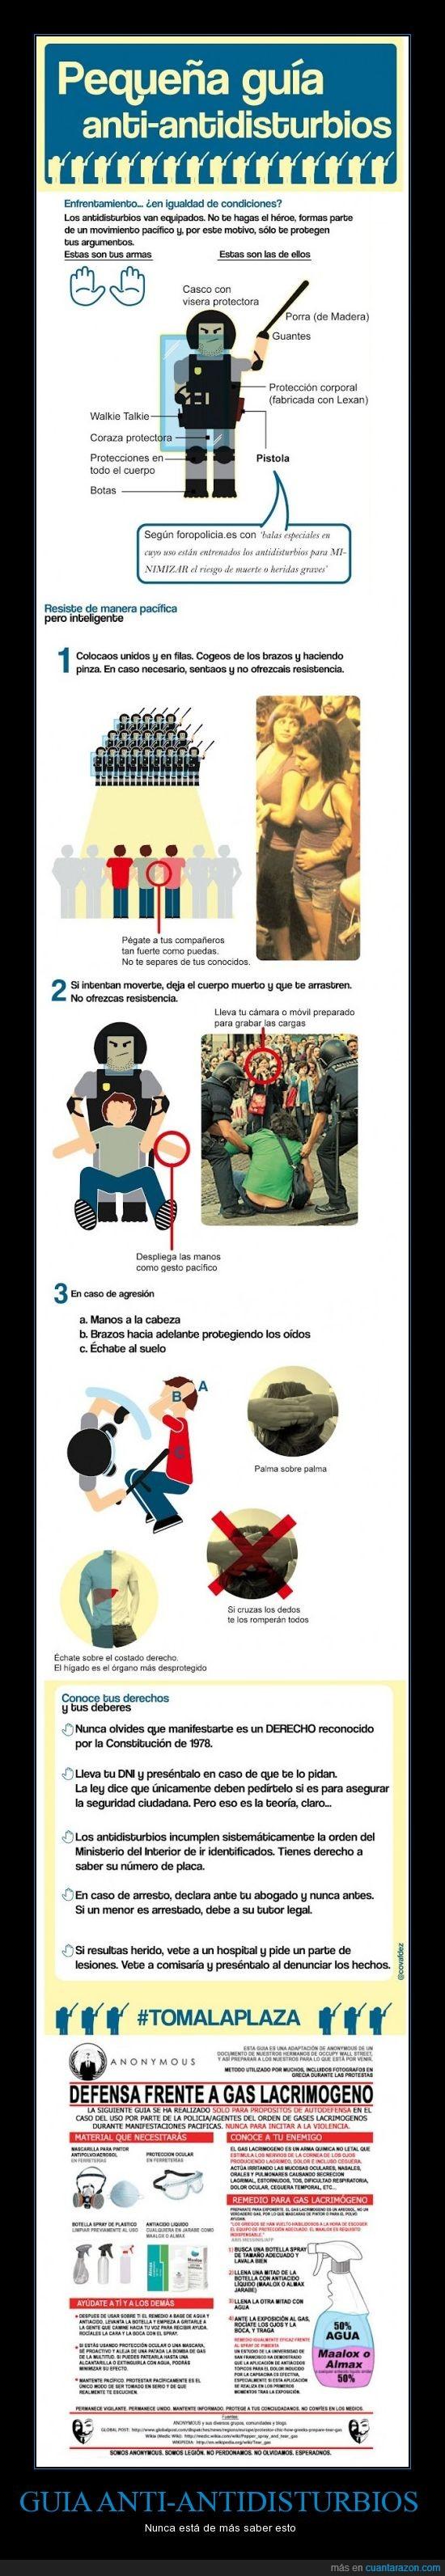 abuso,antidisturbios,guia,policia,recortes,valencia